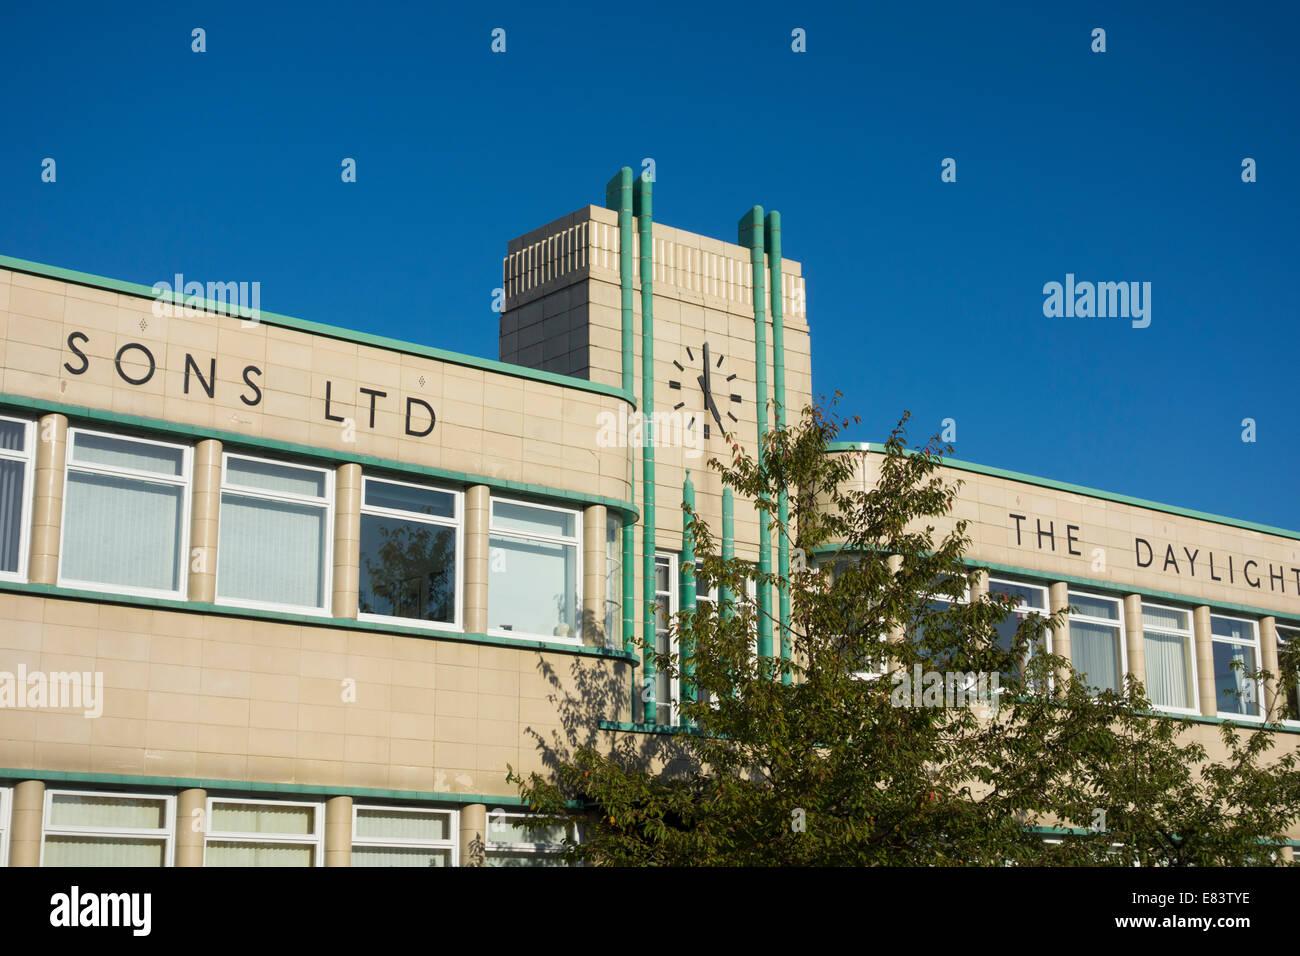 Ralph Funken Tageslicht Bäckerei Gebäude, Stockton on Tees, England, UK Stockbild